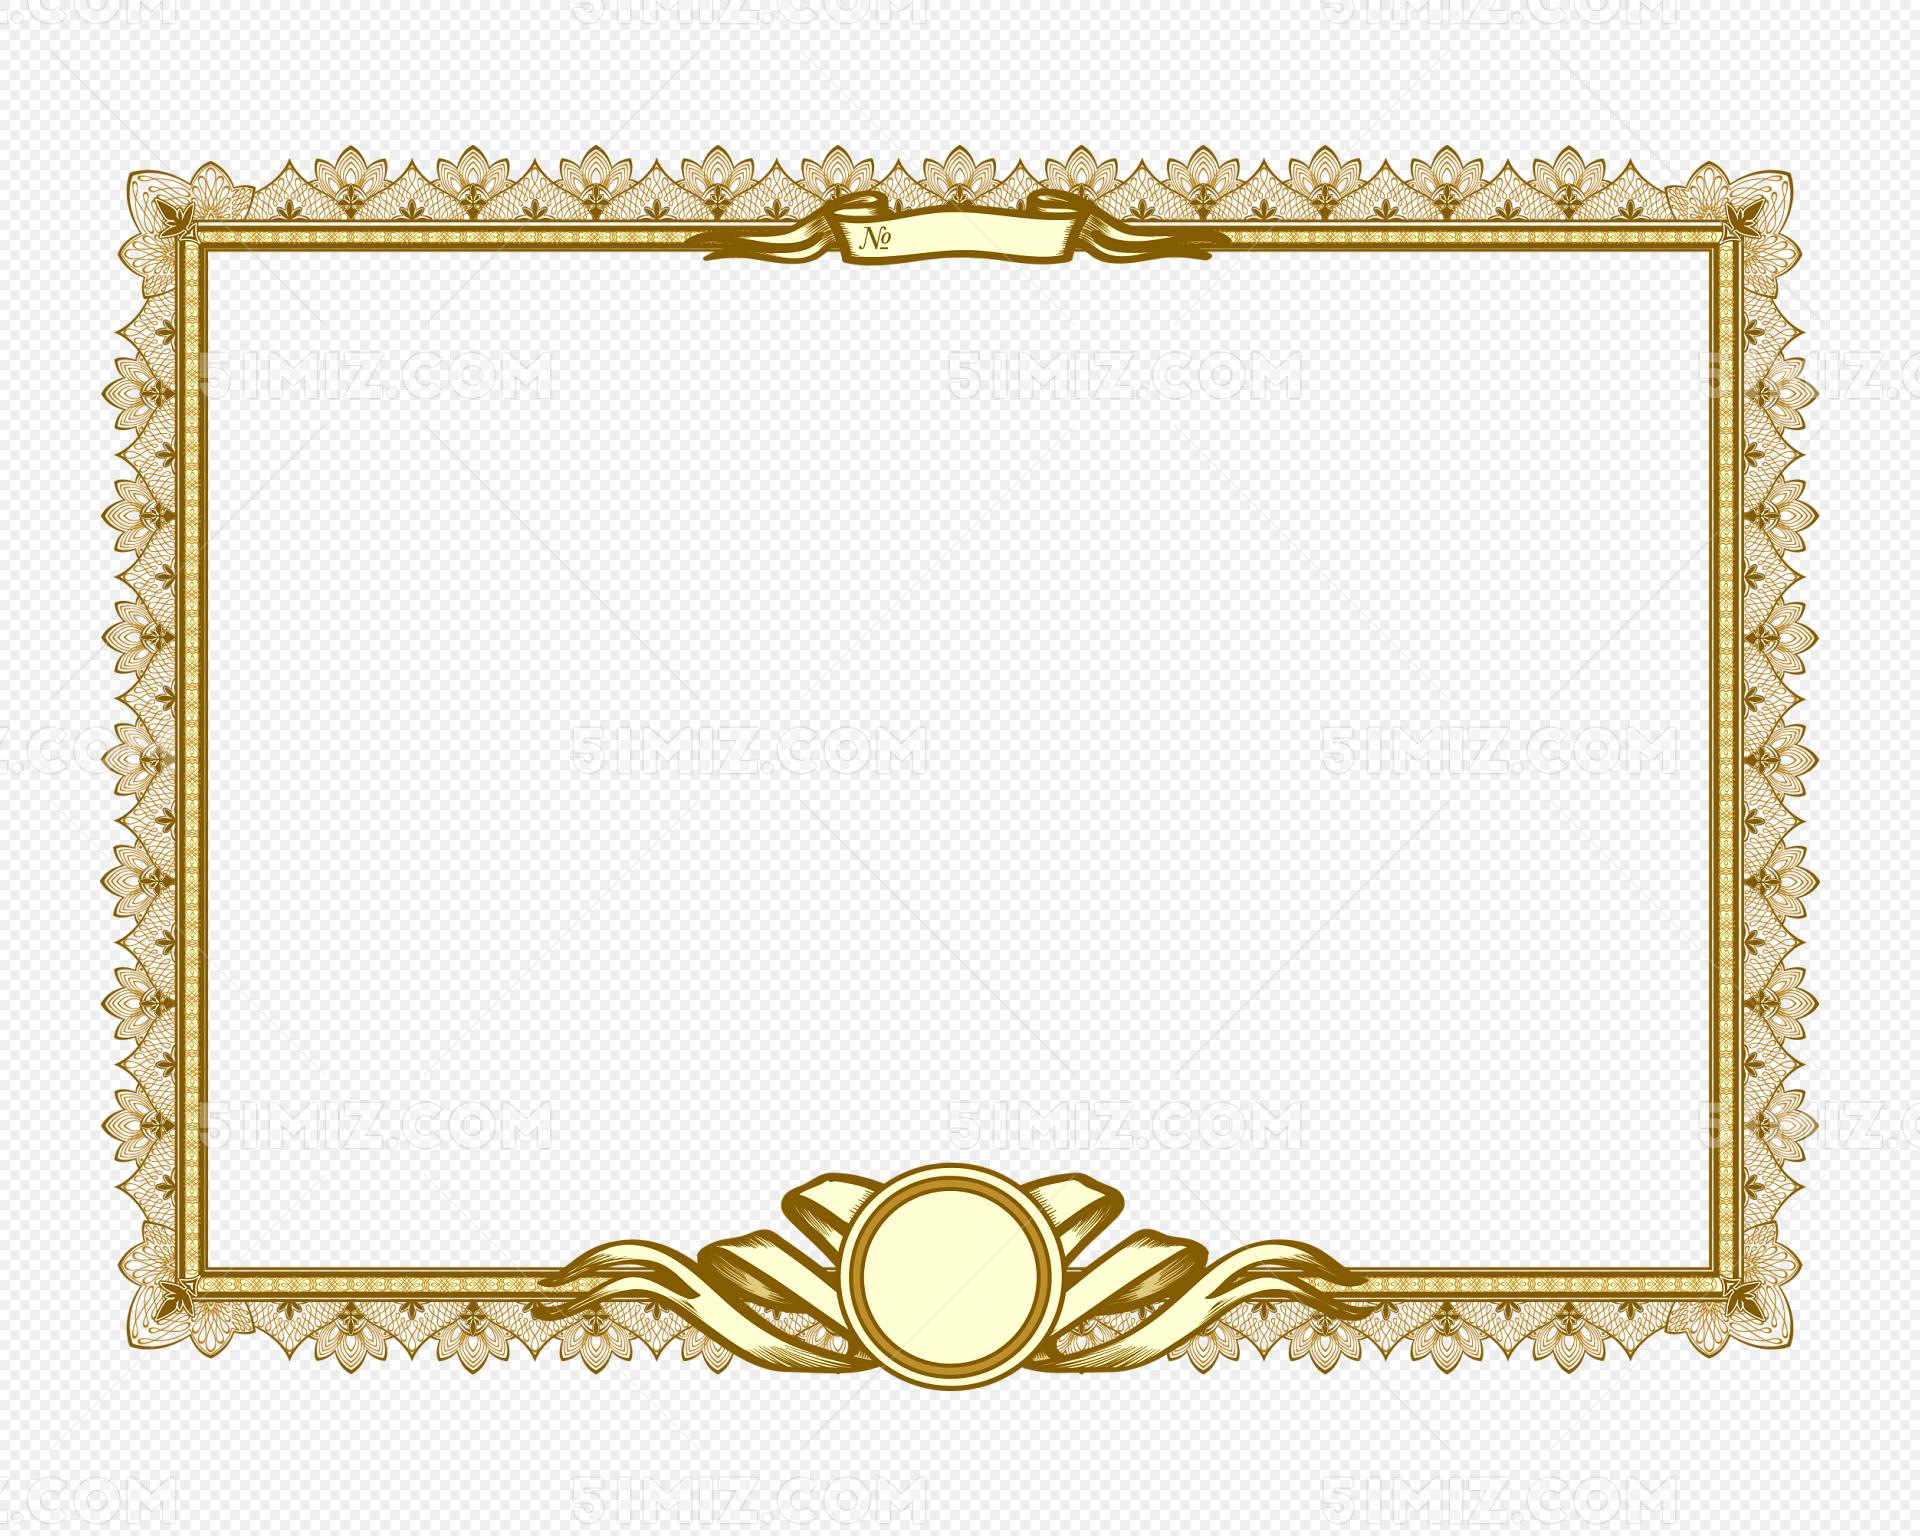 金色欧式边框奖状边框证书边框素材